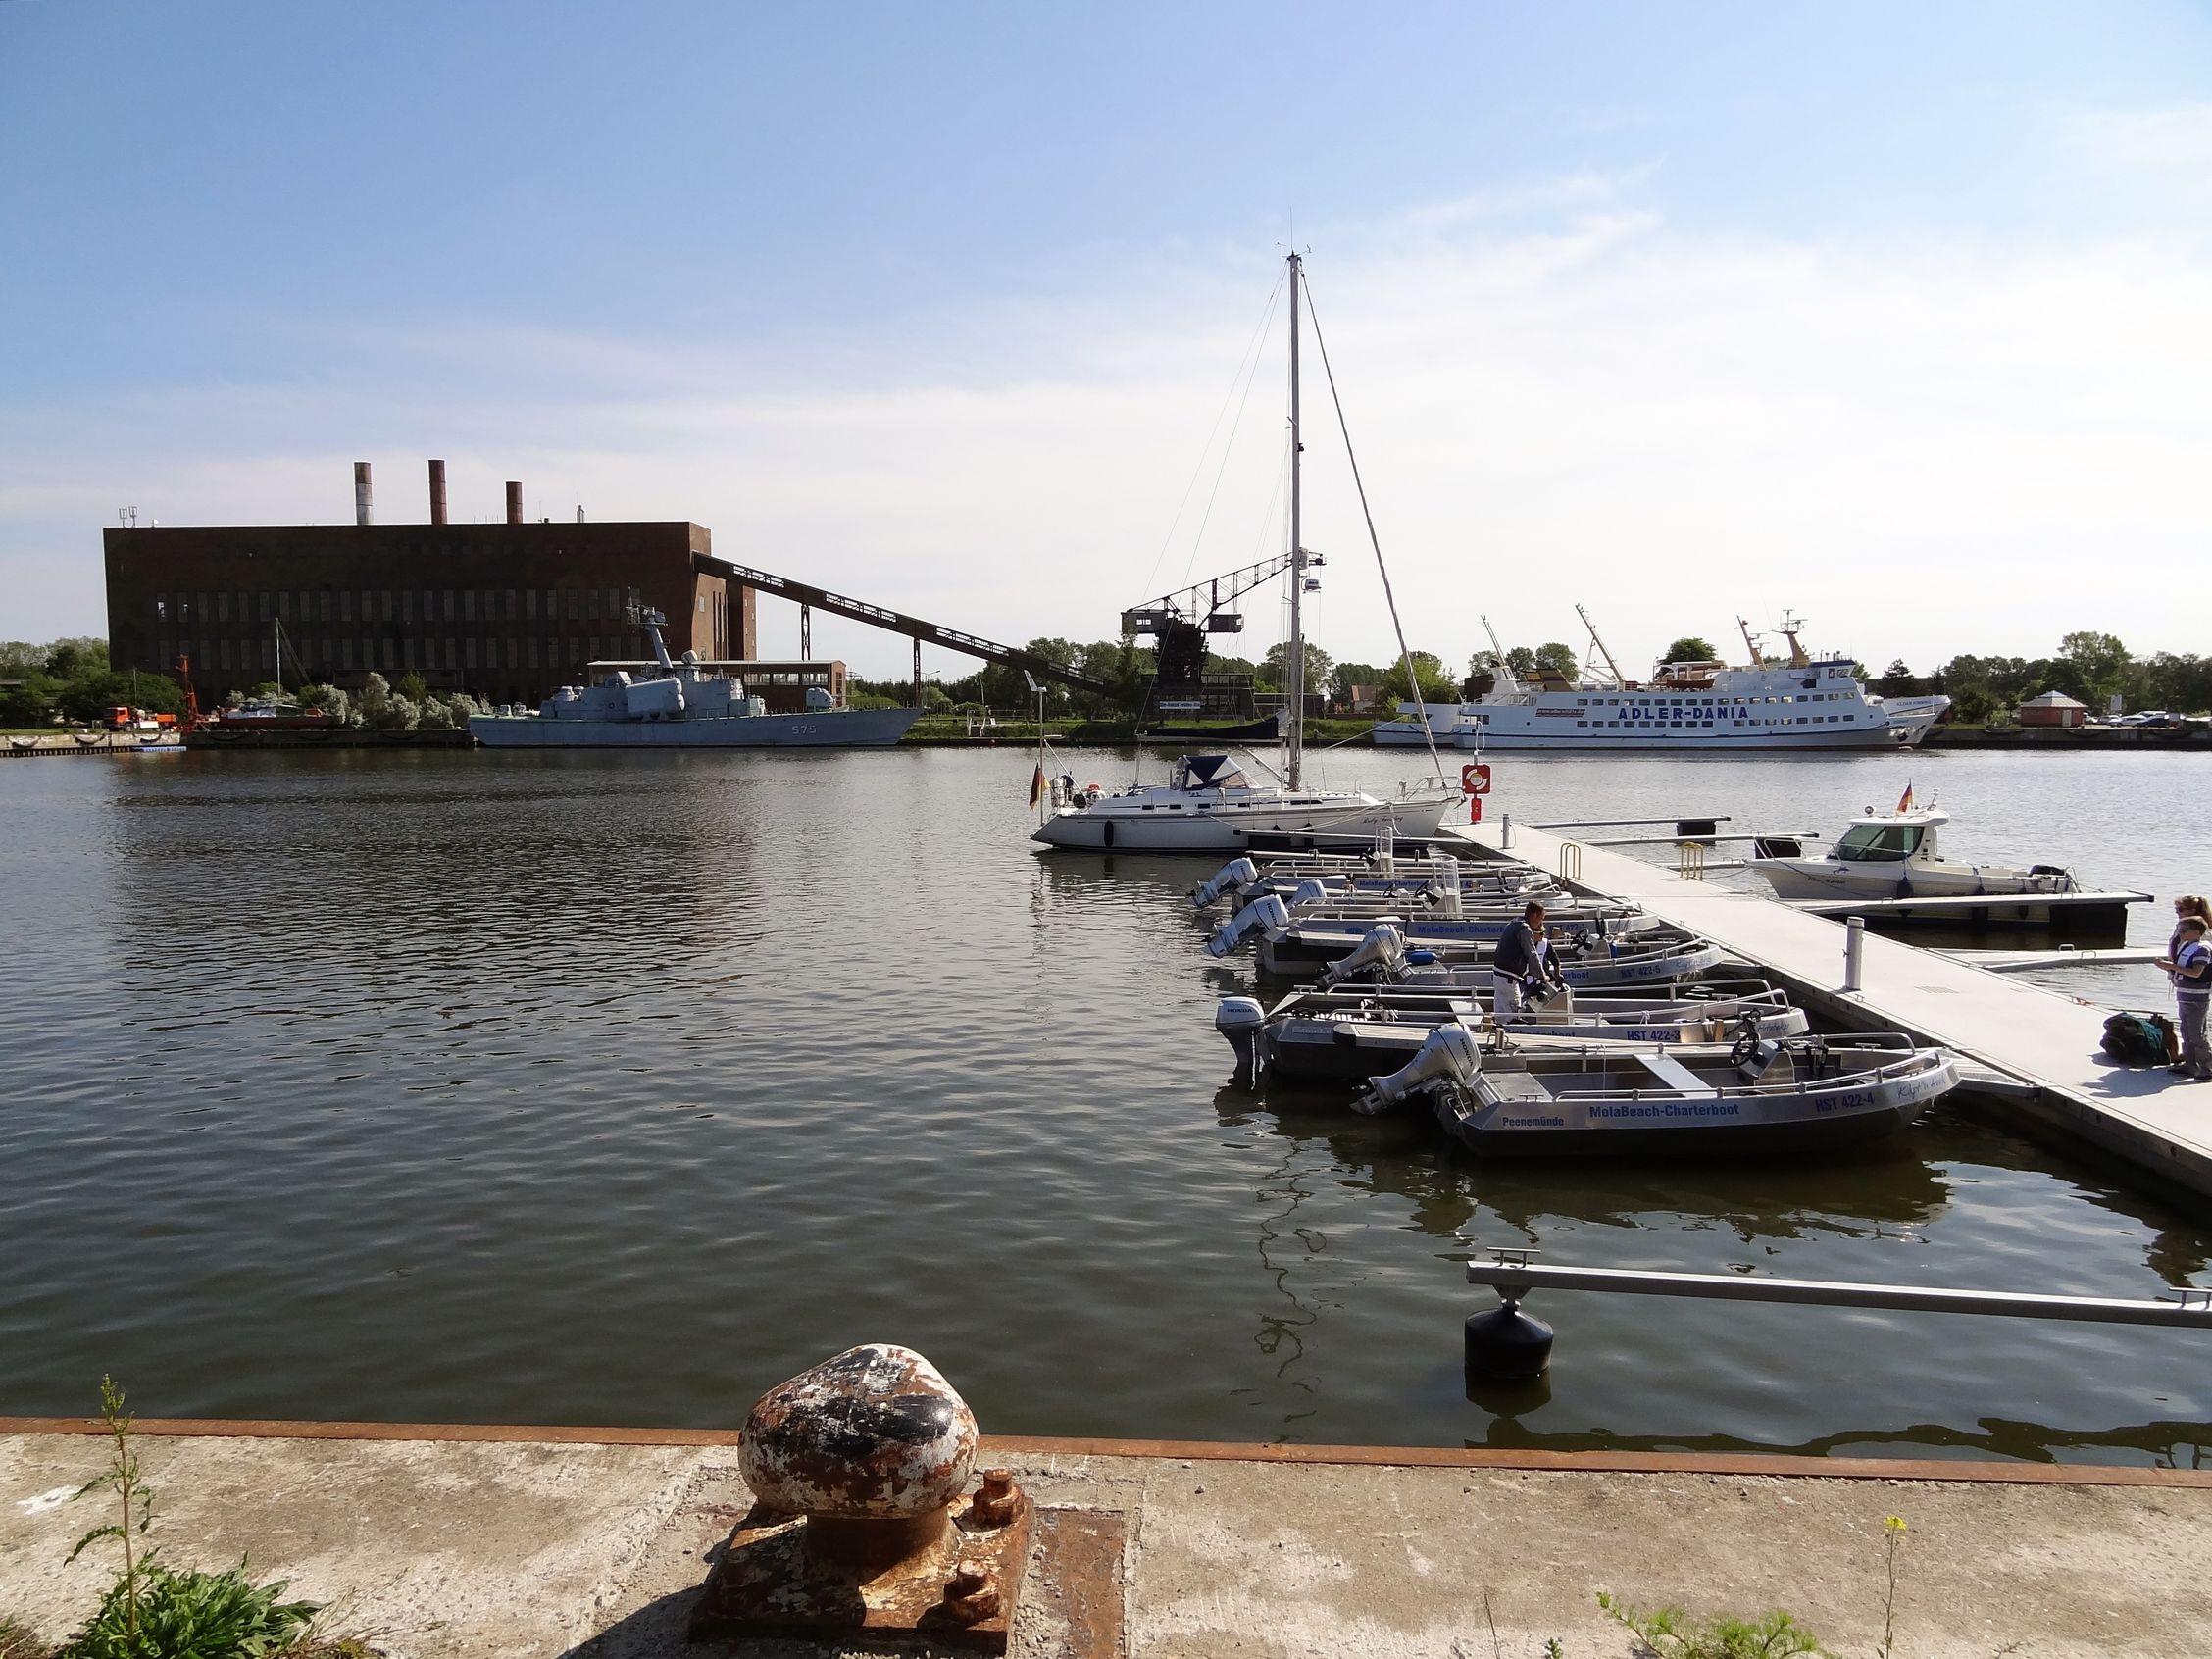 Hafen Peenemünde mit Historisch-Technischem Museum